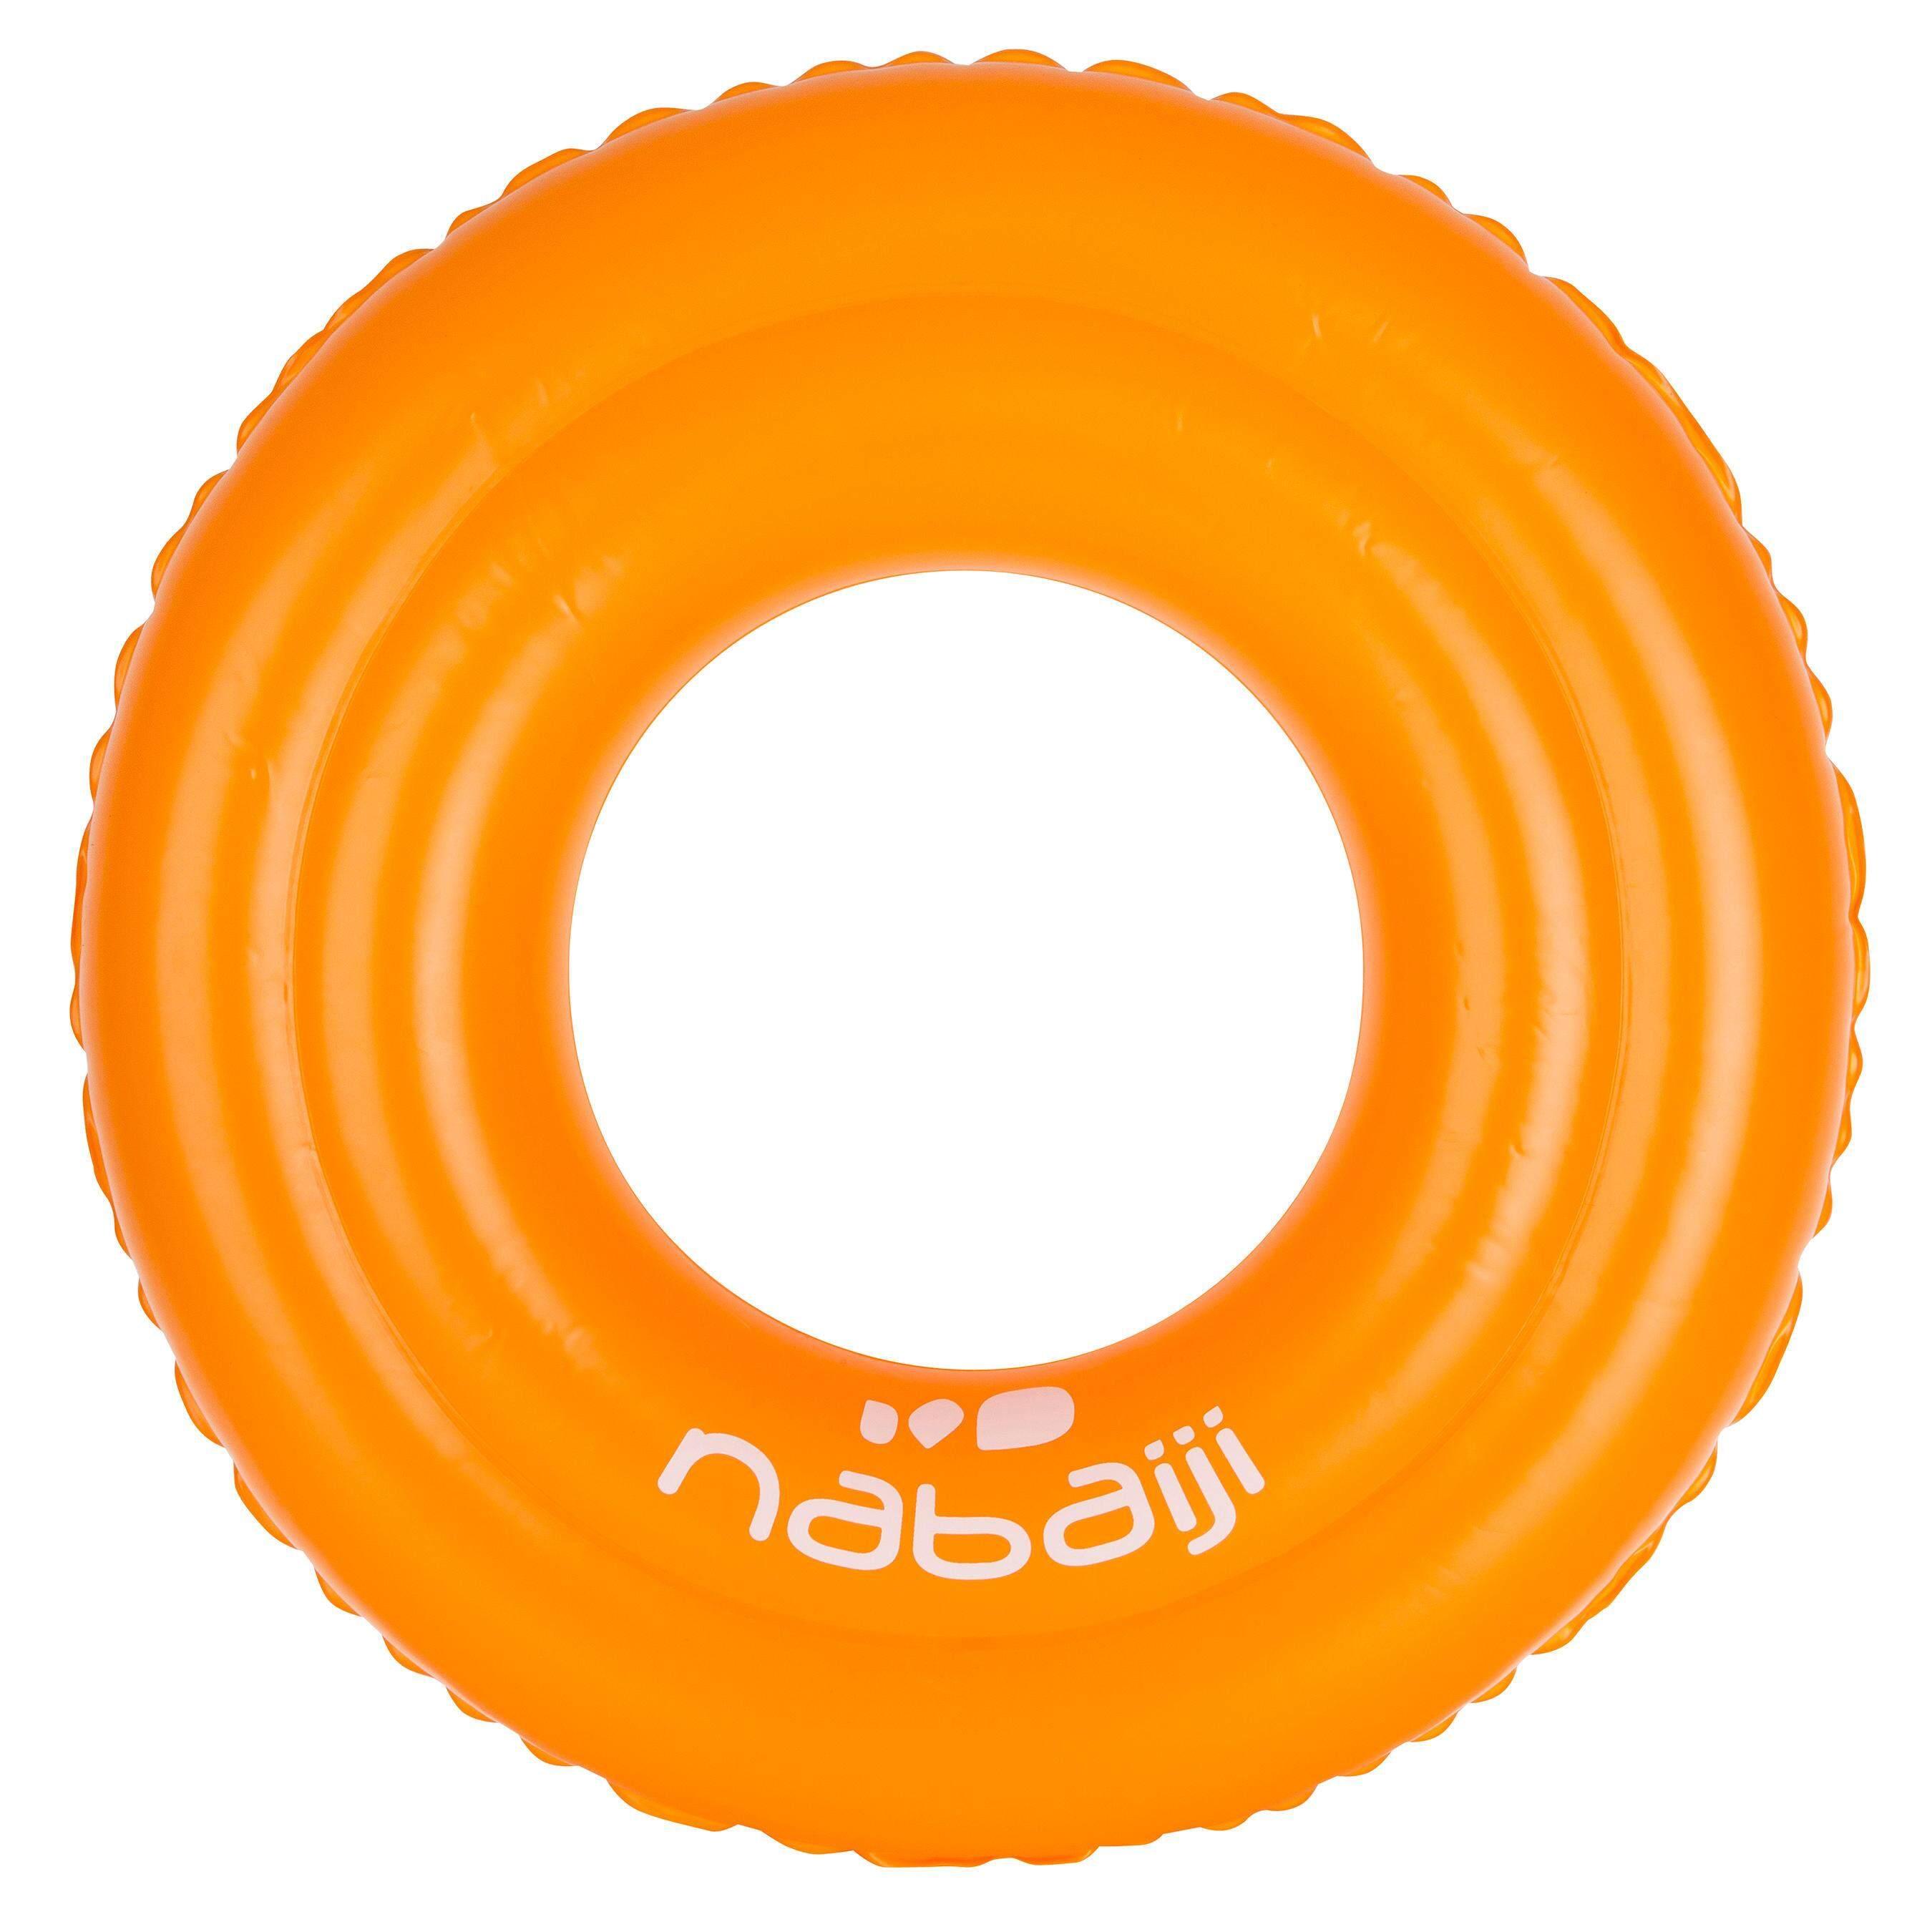 [ด่วน!! โปรโมชั่นมีจำนวนจำกัด] ห่วงยางว่ายน้ำแบบเป่าลม 51 ซม. สำหรับเด็กอายุ 3-6 ปี (สีส้ม) สำหรับ ว่ายน้ำ